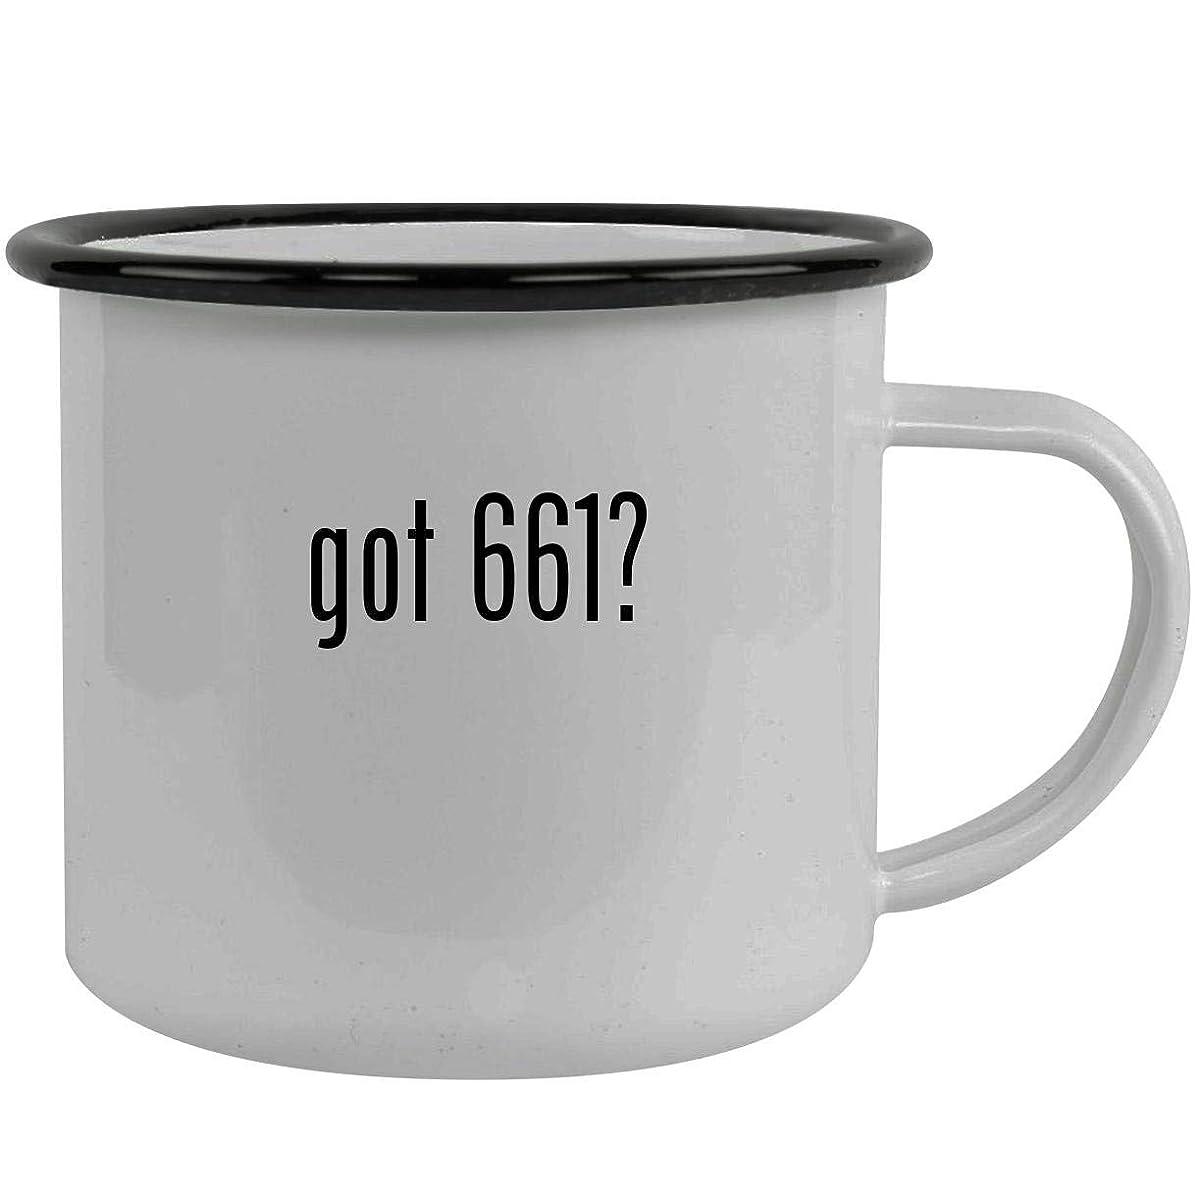 got 661? - Stainless Steel 12oz Camping Mug, Black